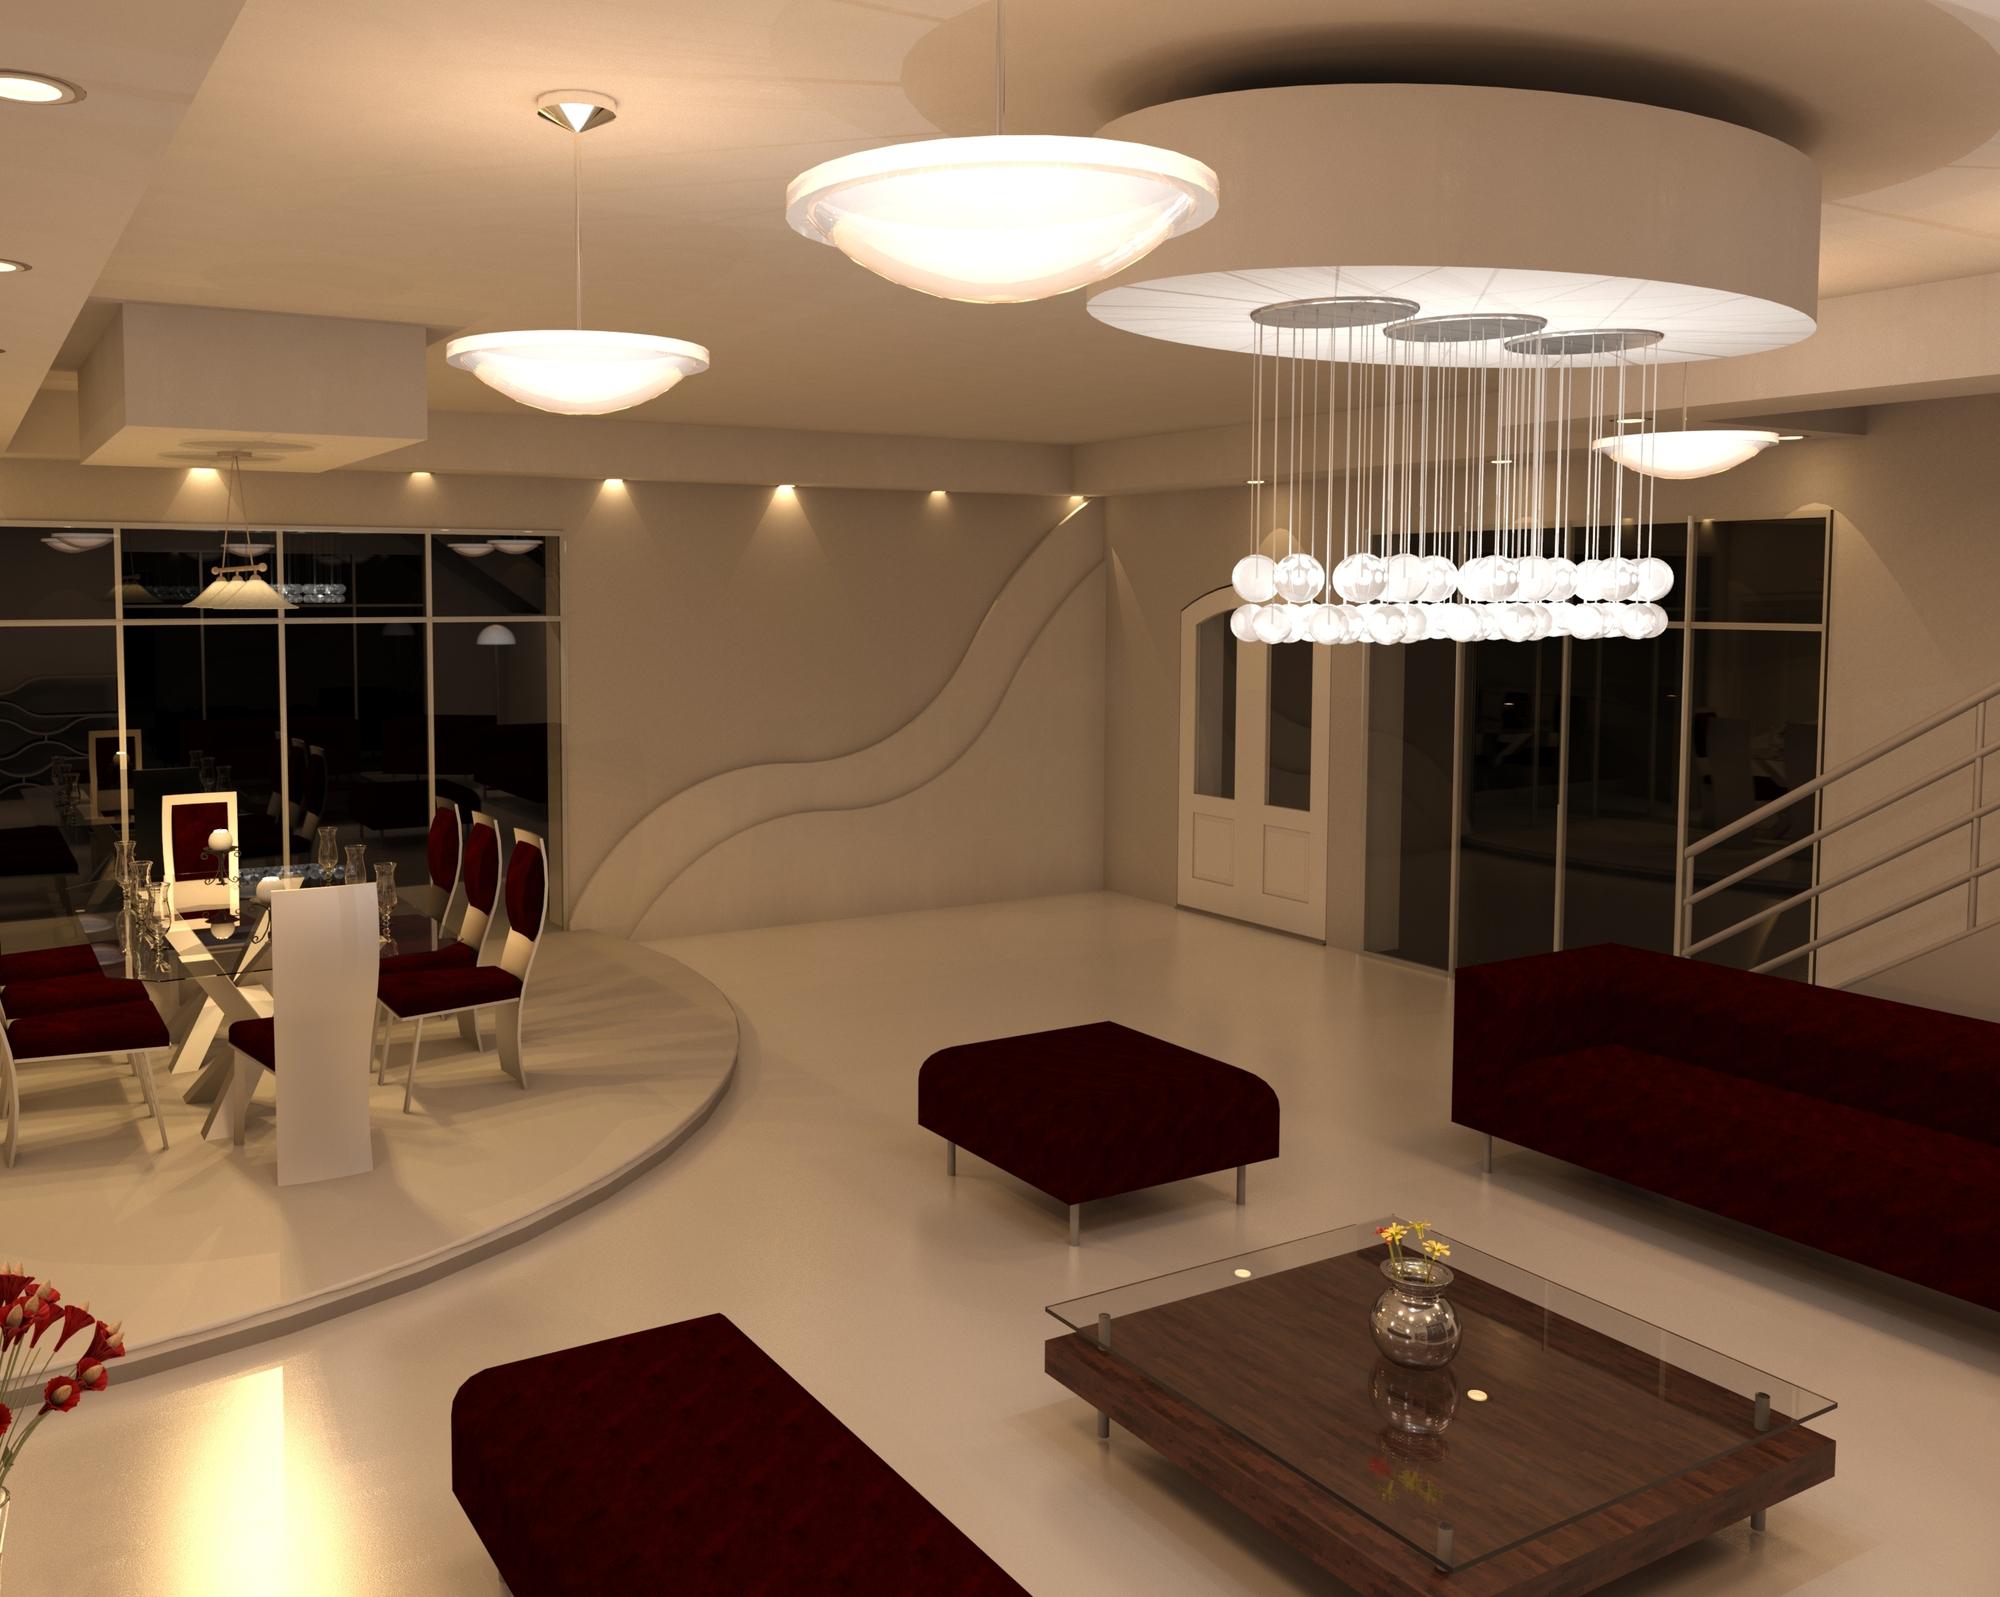 Raas-rendering20140917-15016-emxfcc